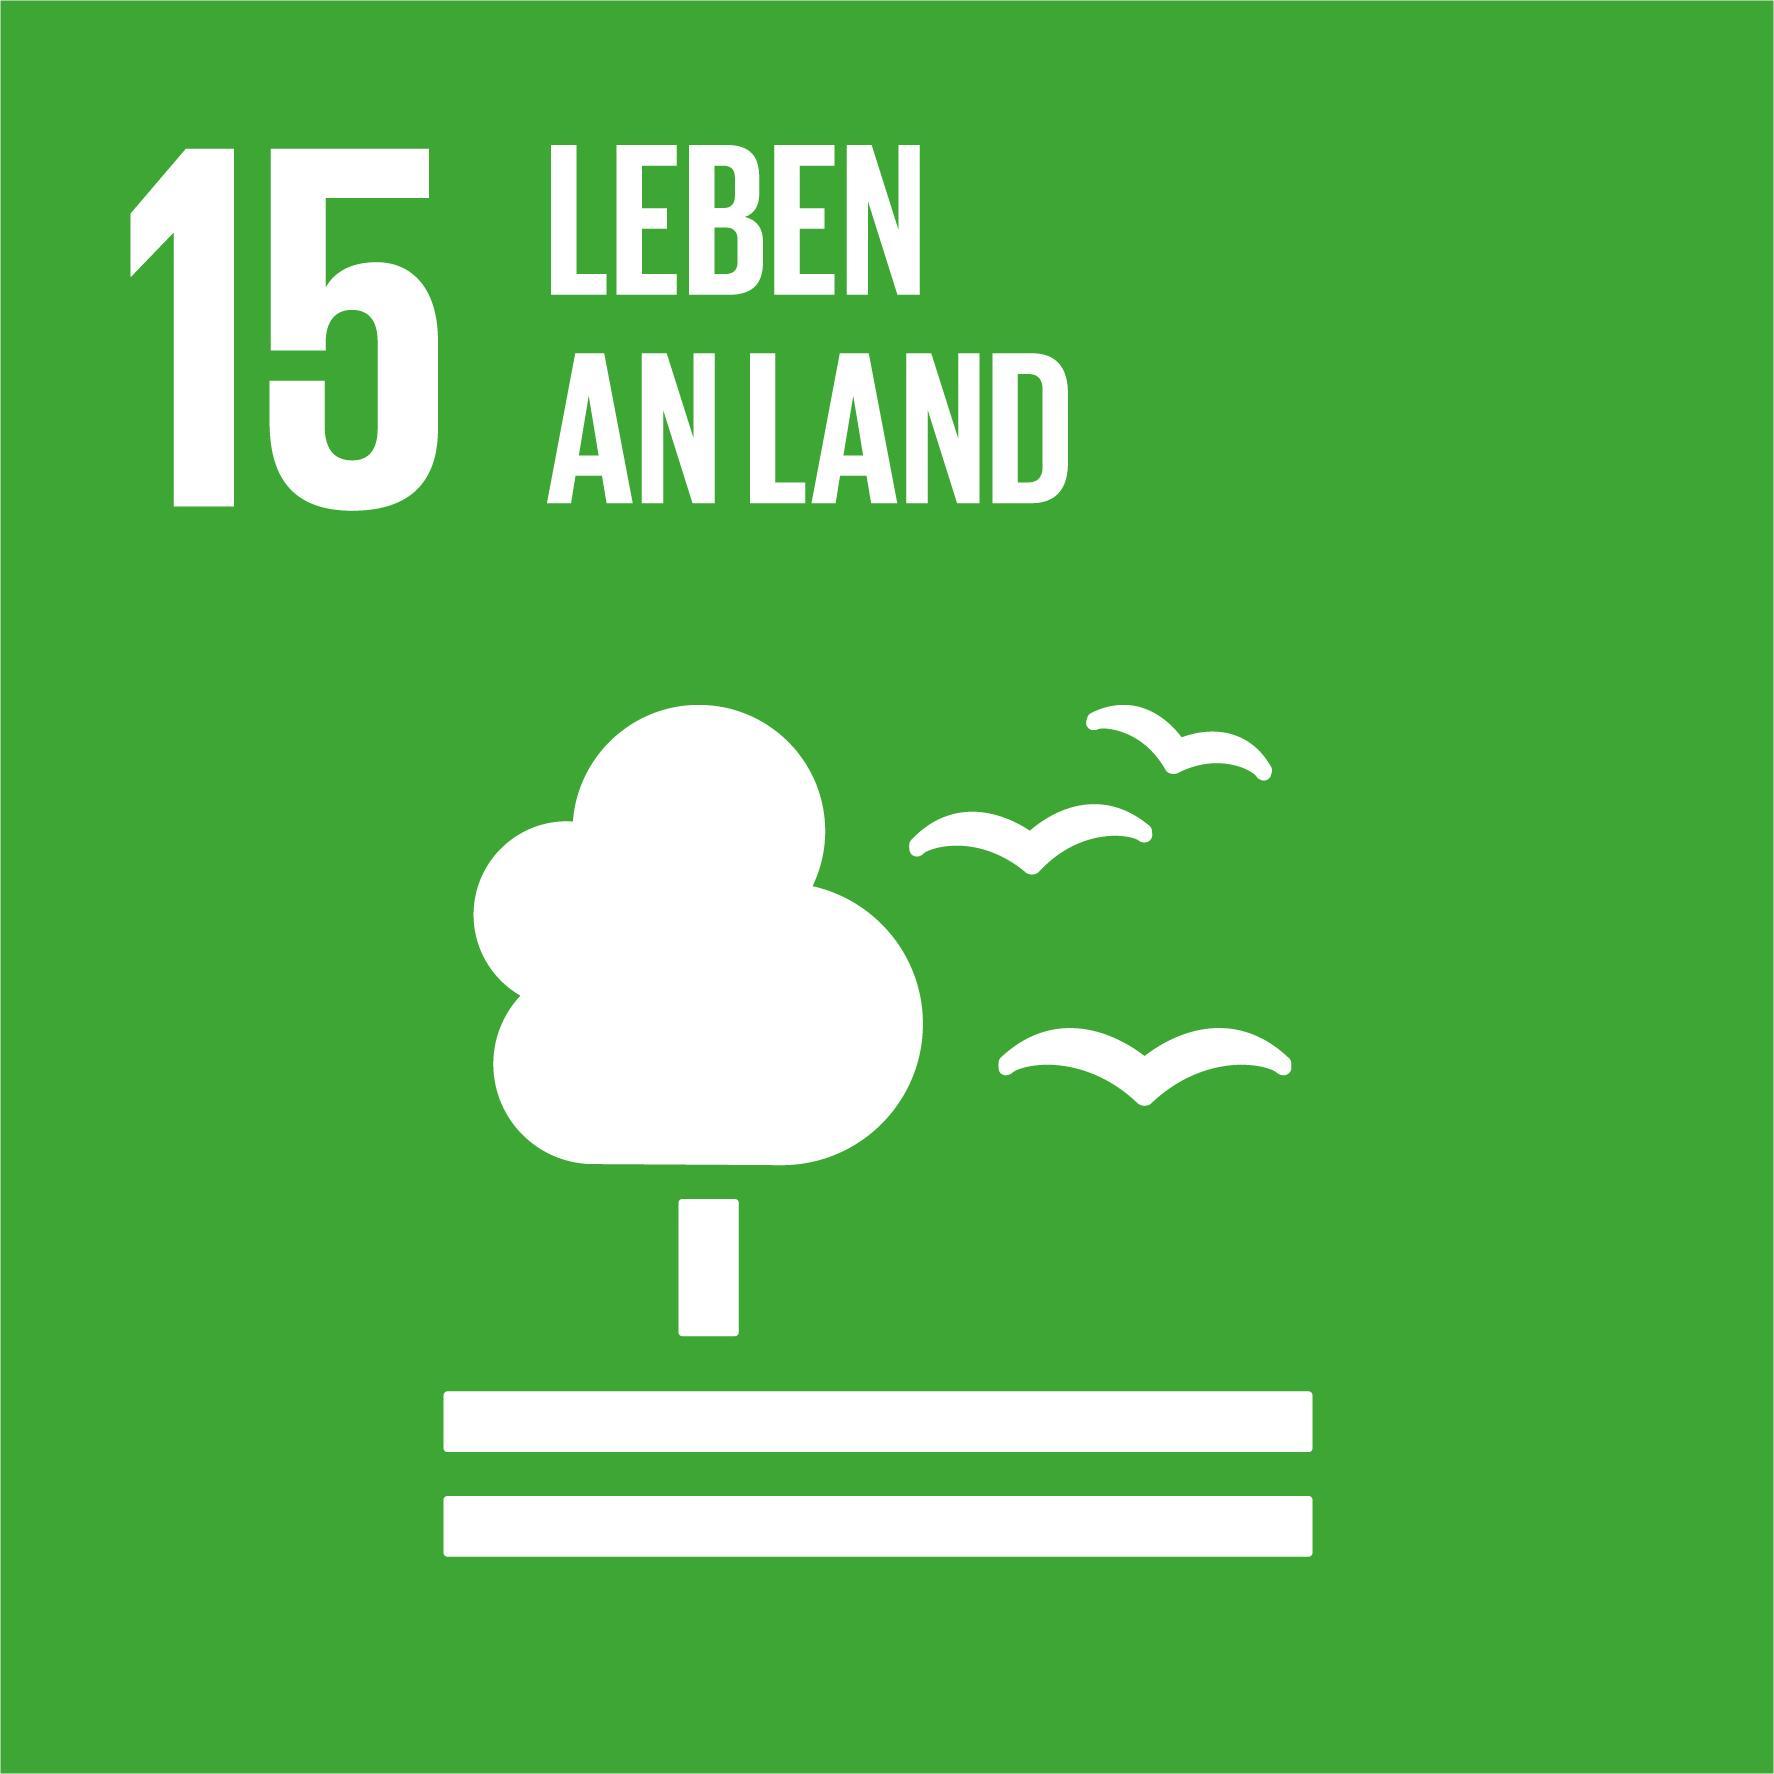 17 Nachhaltigkeitsziele - Ziel 15